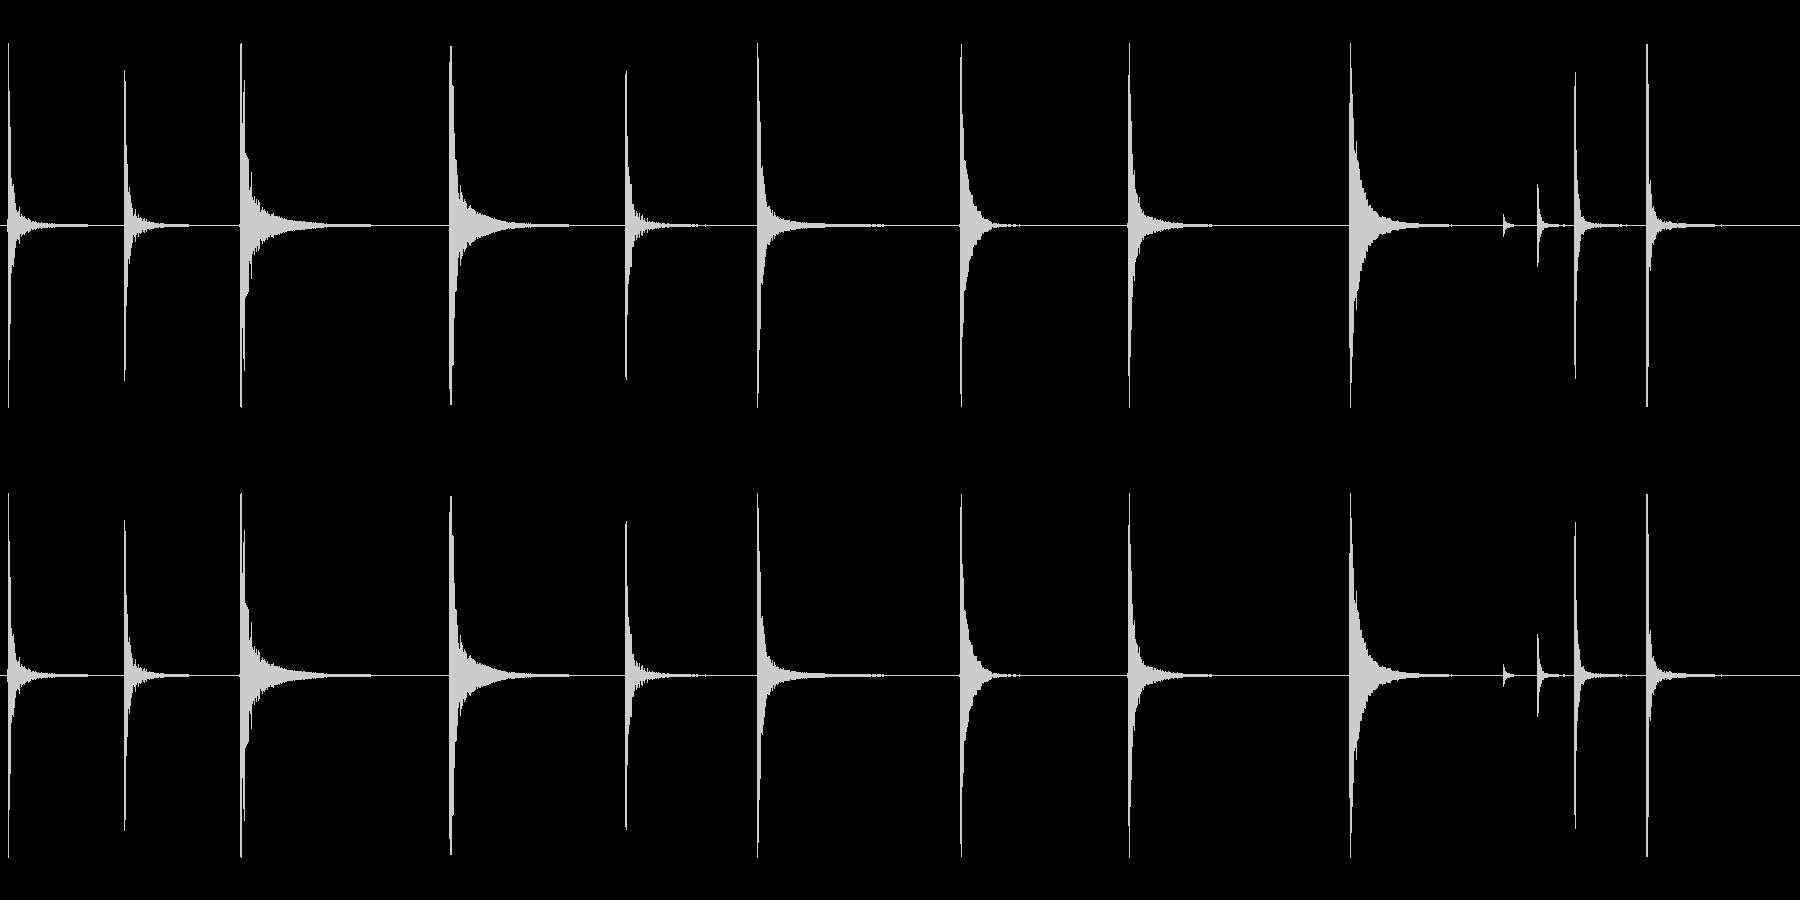 ヘビーシートメタルのいくつかのハン...の未再生の波形